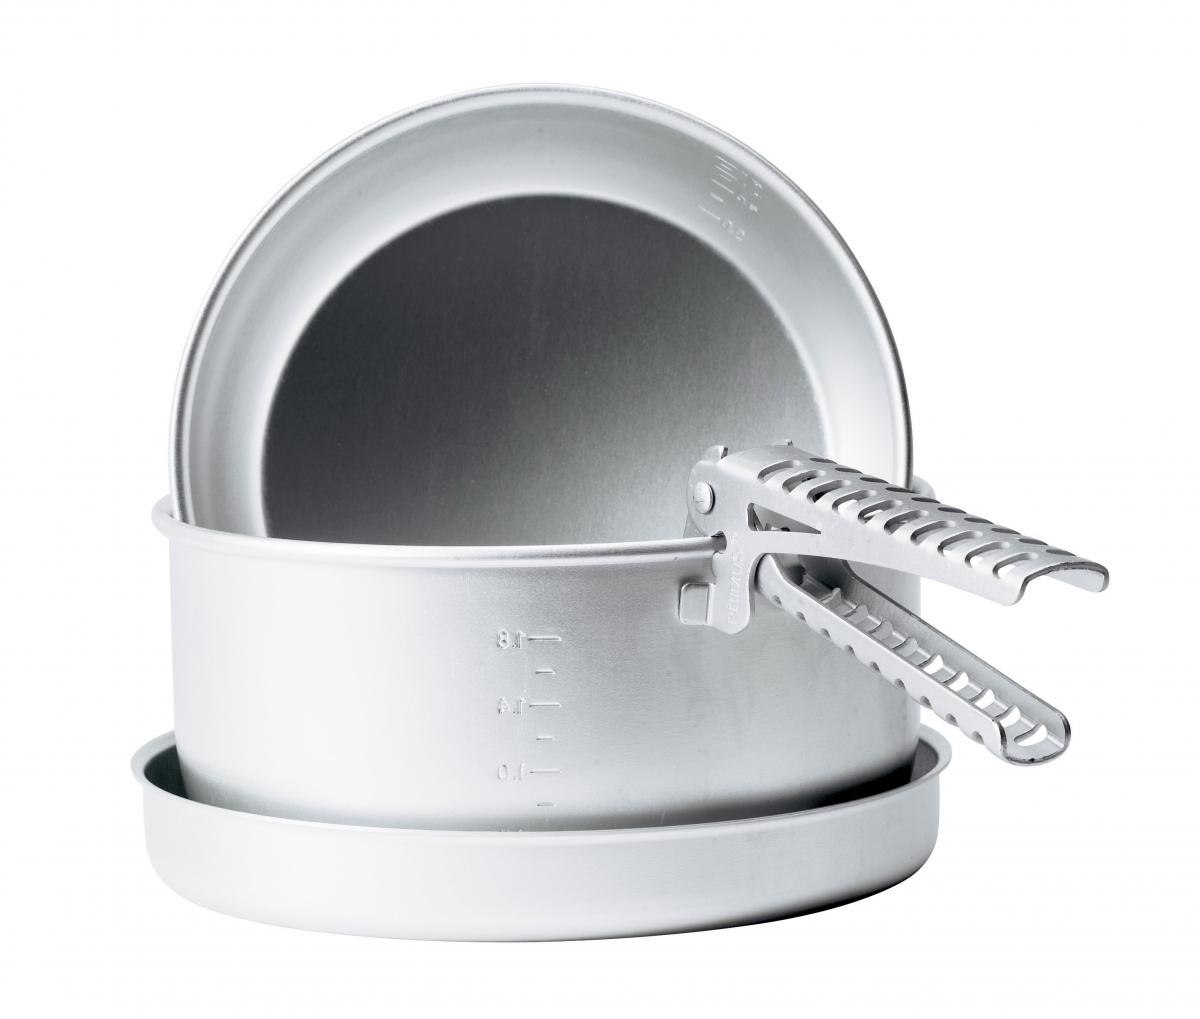 Набор посуды Primus Classic Set, цвет: серый, 2,19 л732340Алюминиевая посуда с двумя градуированными внутри кастрюлями объемом 1,7 л и 2,1 л, сковородой и держателем.Размер, см: 202x97Объем, л: 1.7 / 2.1Вес, г: 460